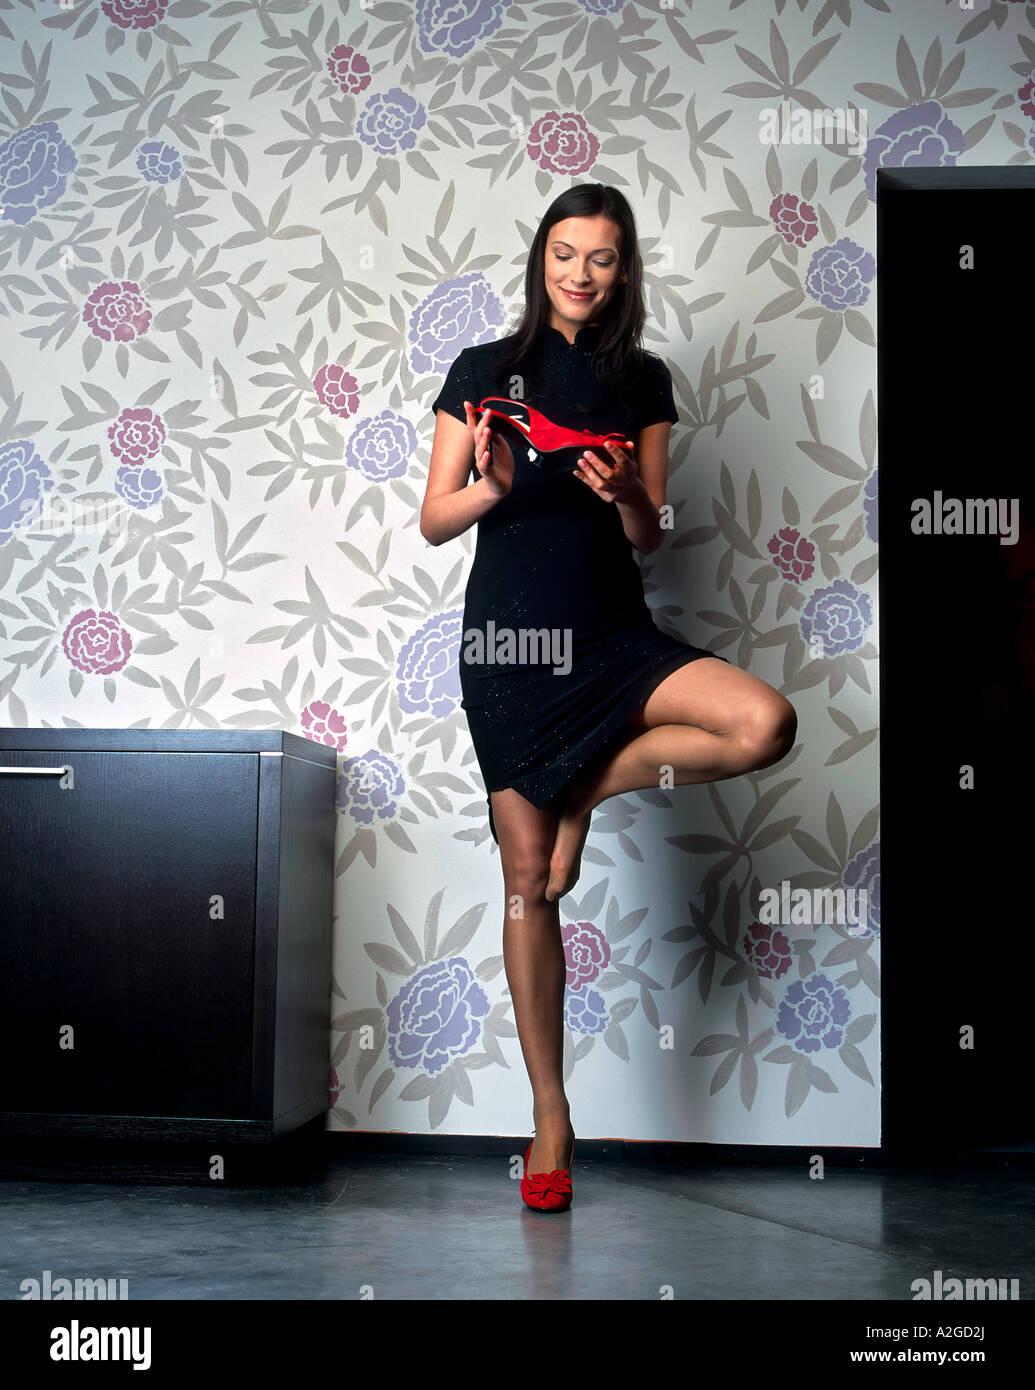 1216452 innen flach Zimmer junge Frau 25 30 Brünette lange Haare rote Schuh Schuhe halten Blick Stand erhöhen Stockbild